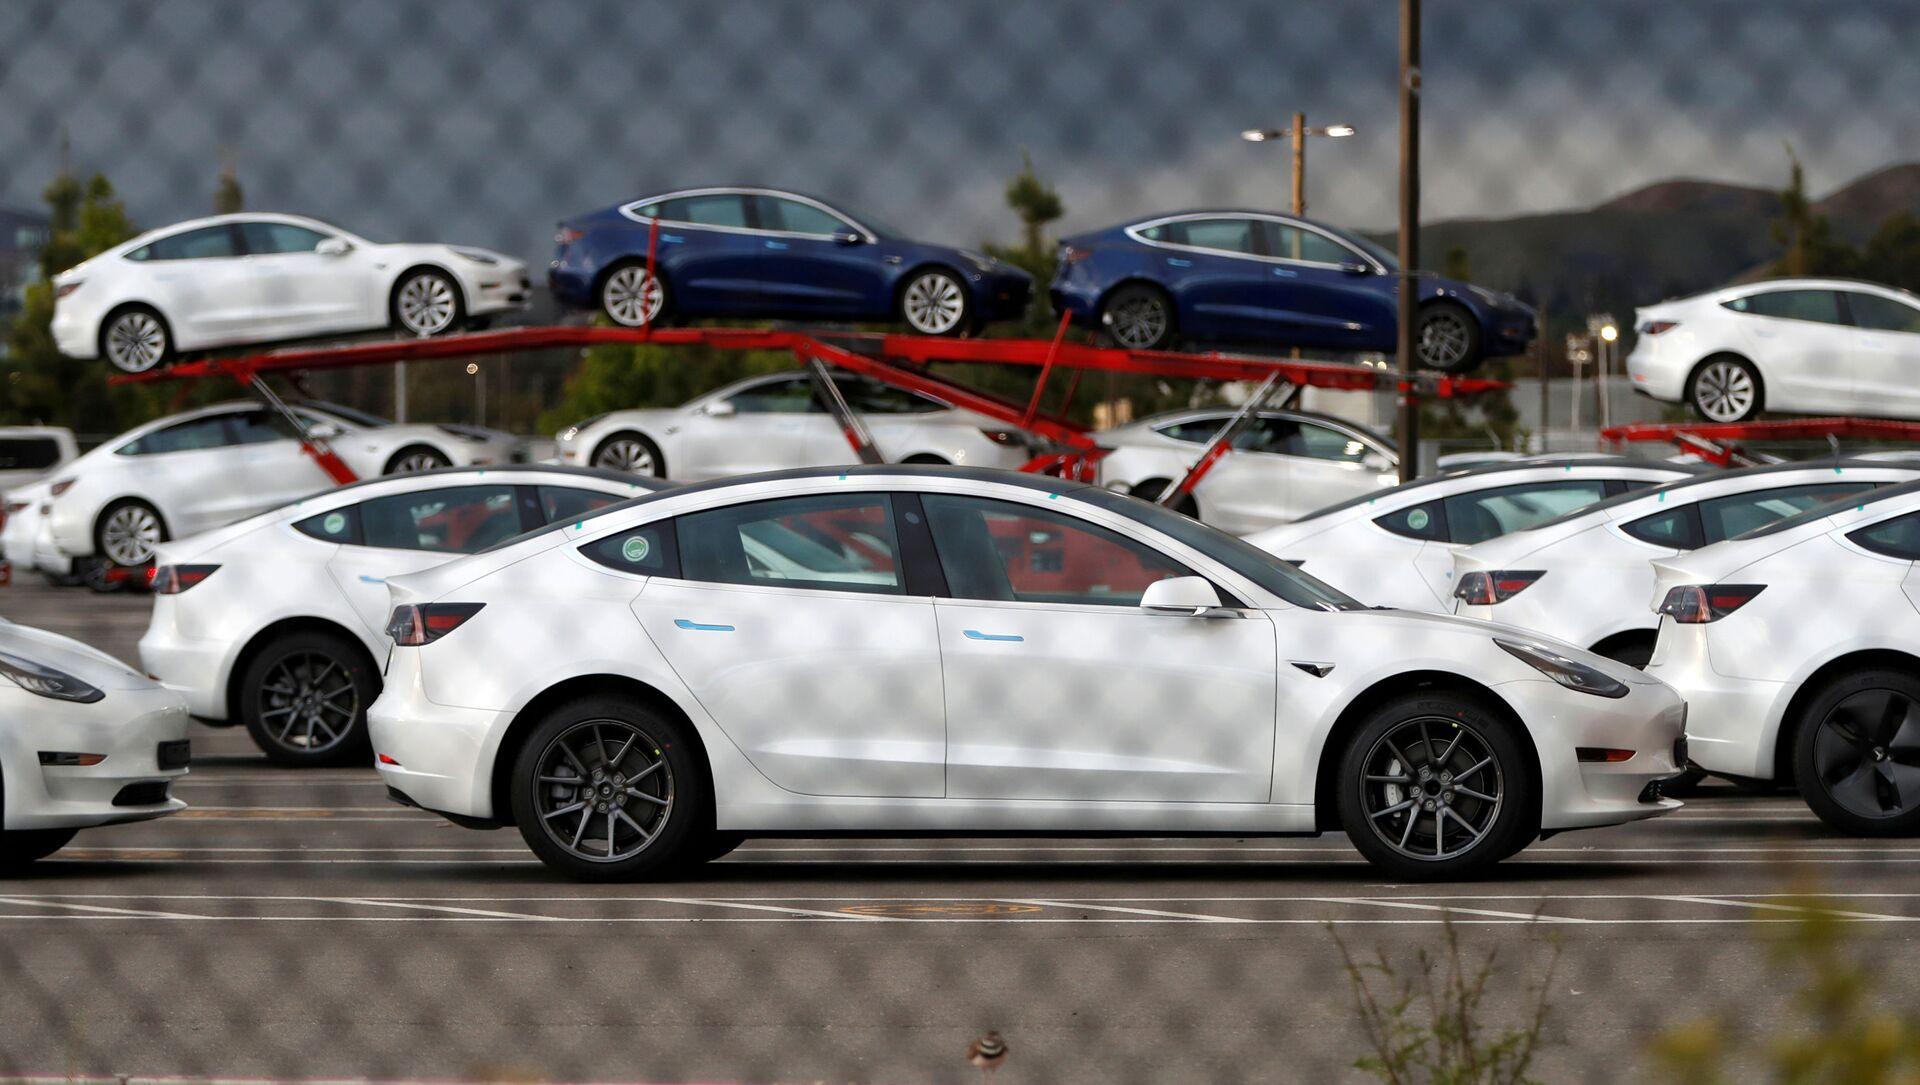 Unos vehículos de Tesla en el estacionamiento de la principal fábrica de la marca, en Fremont, California - Sputnik Mundo, 1920, 25.11.2020